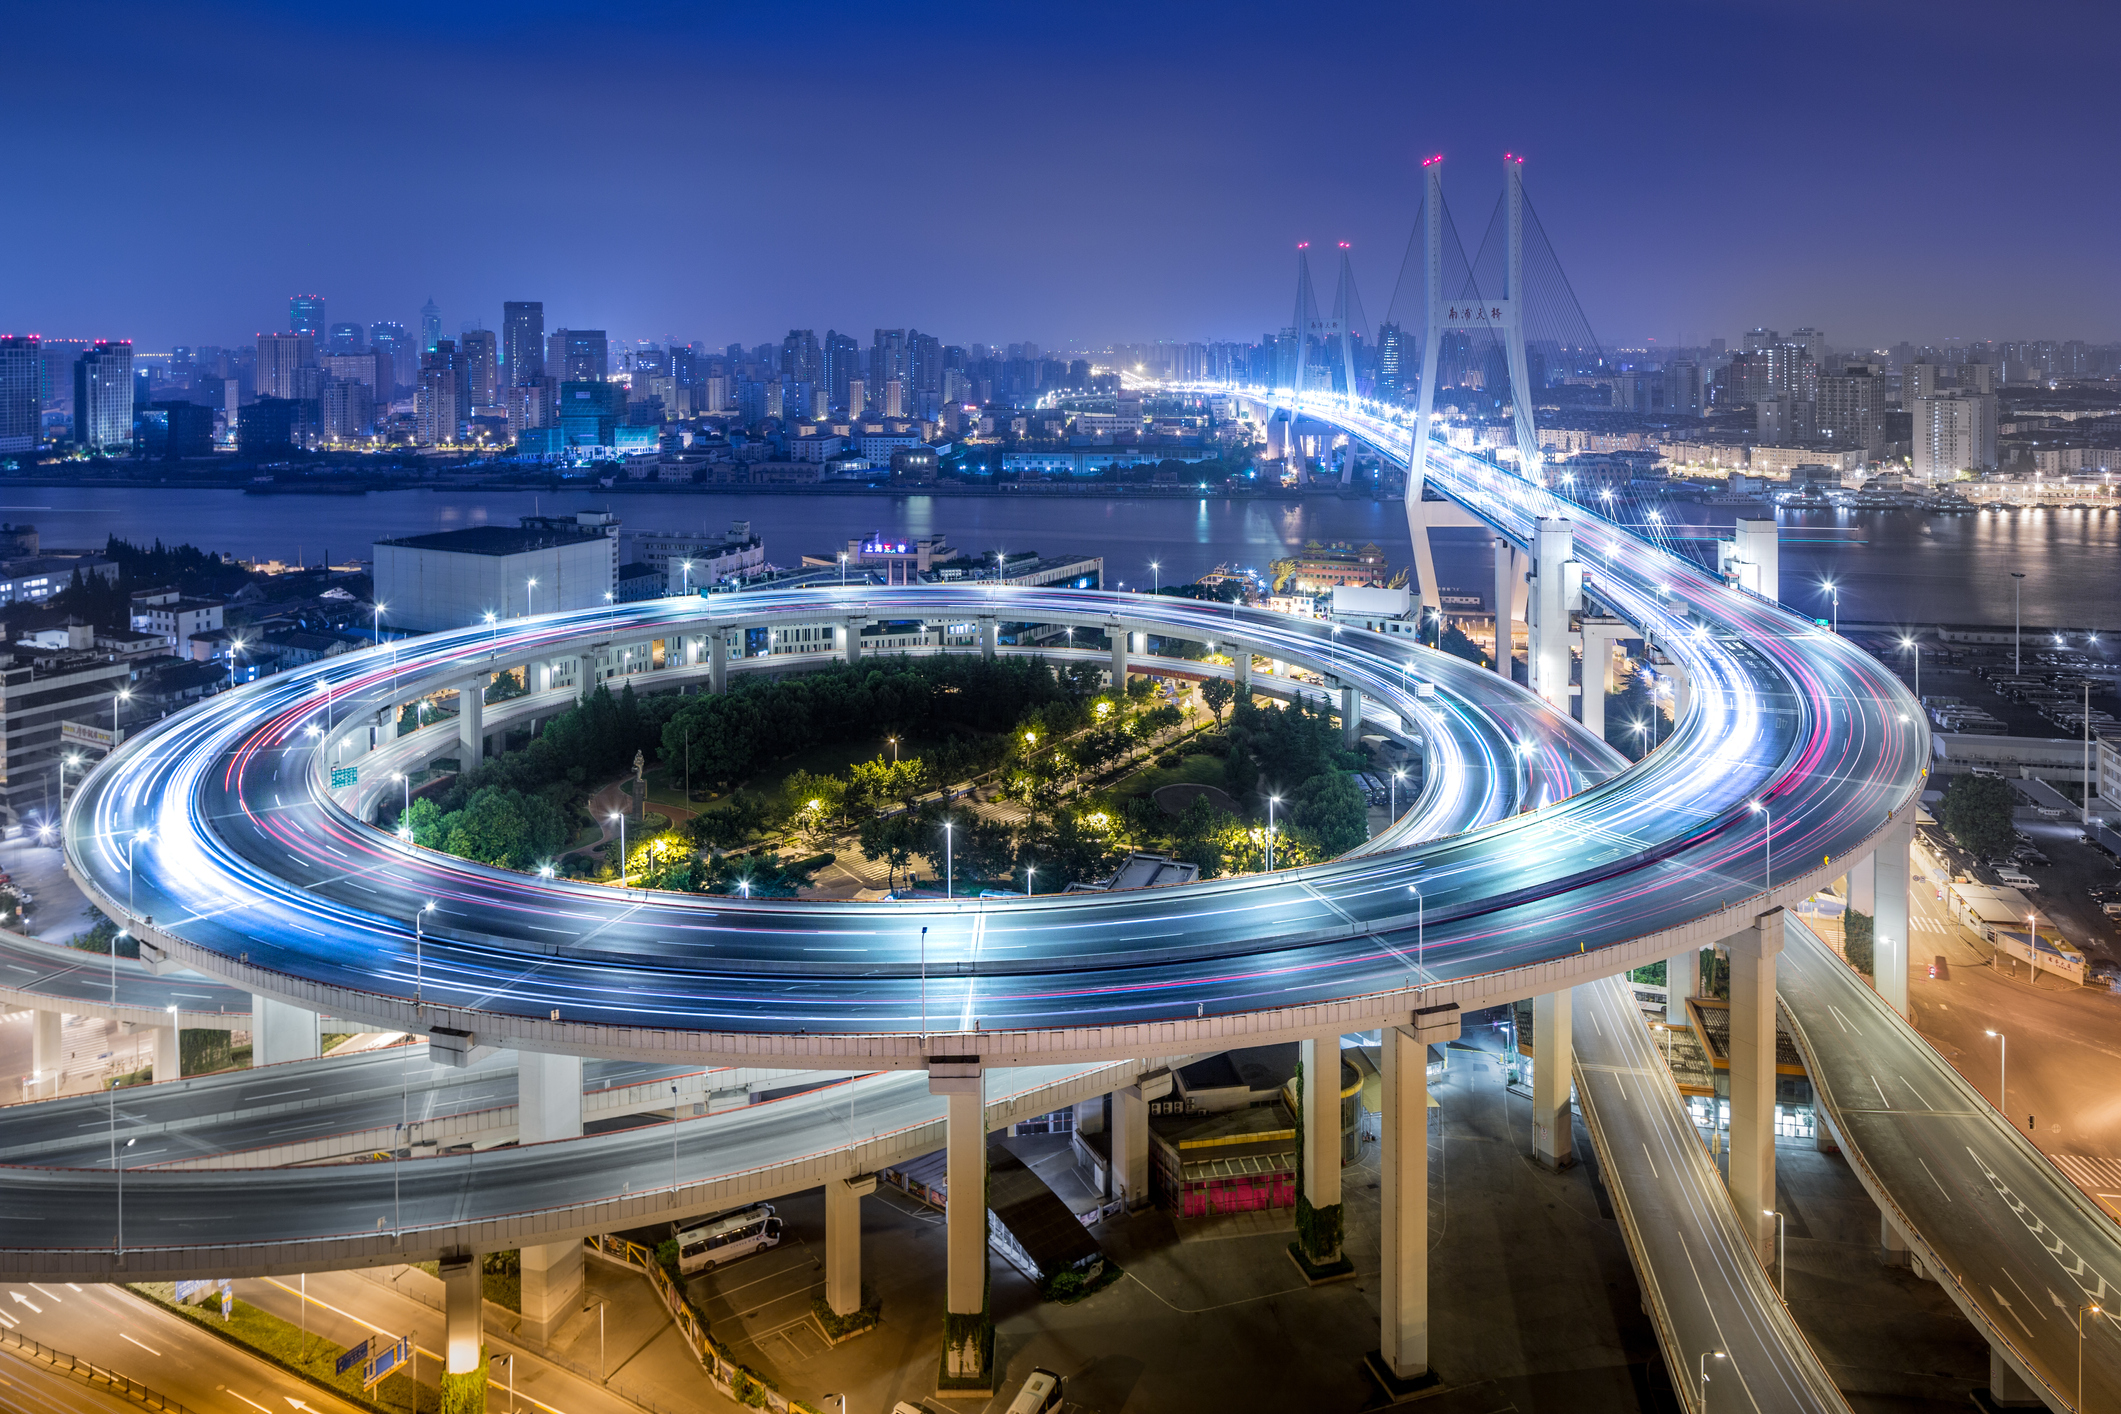 08 - Puente de Nanpu-China_iStock-544101220_imagen5